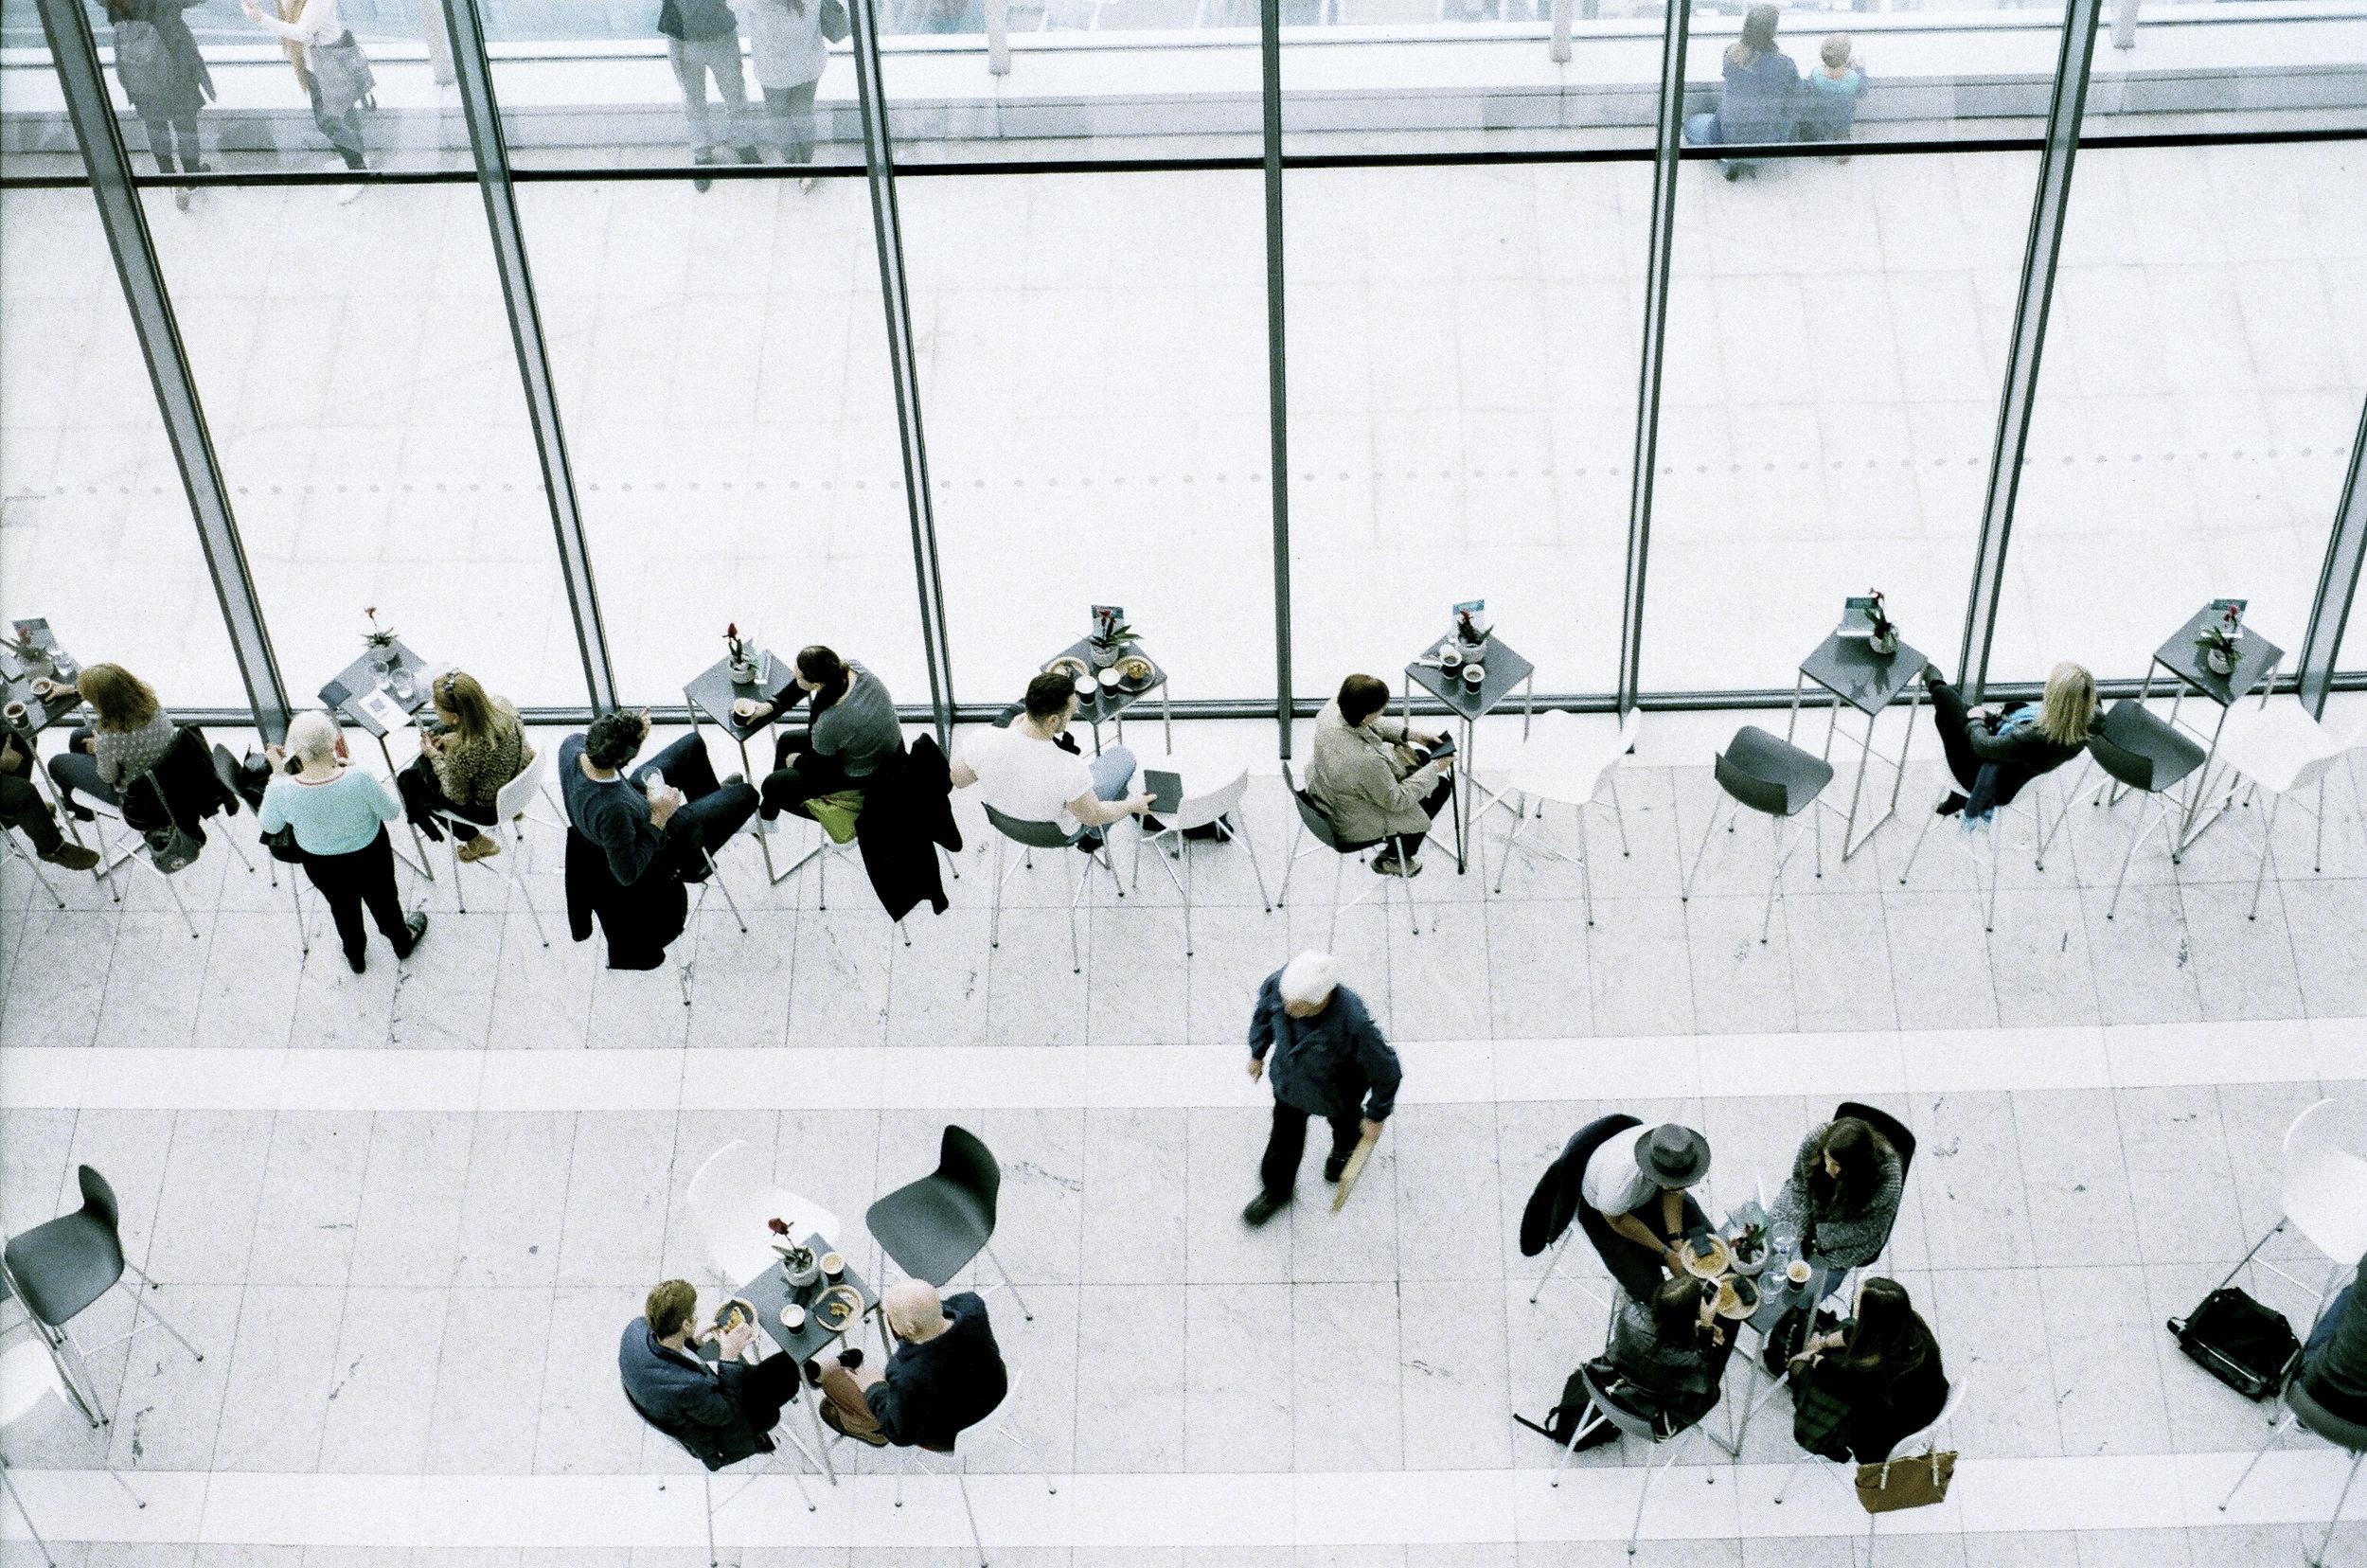 La fiera come investimento - Trova il tuo elemento differenziante per farti notare dai tuoi potenziali clienti